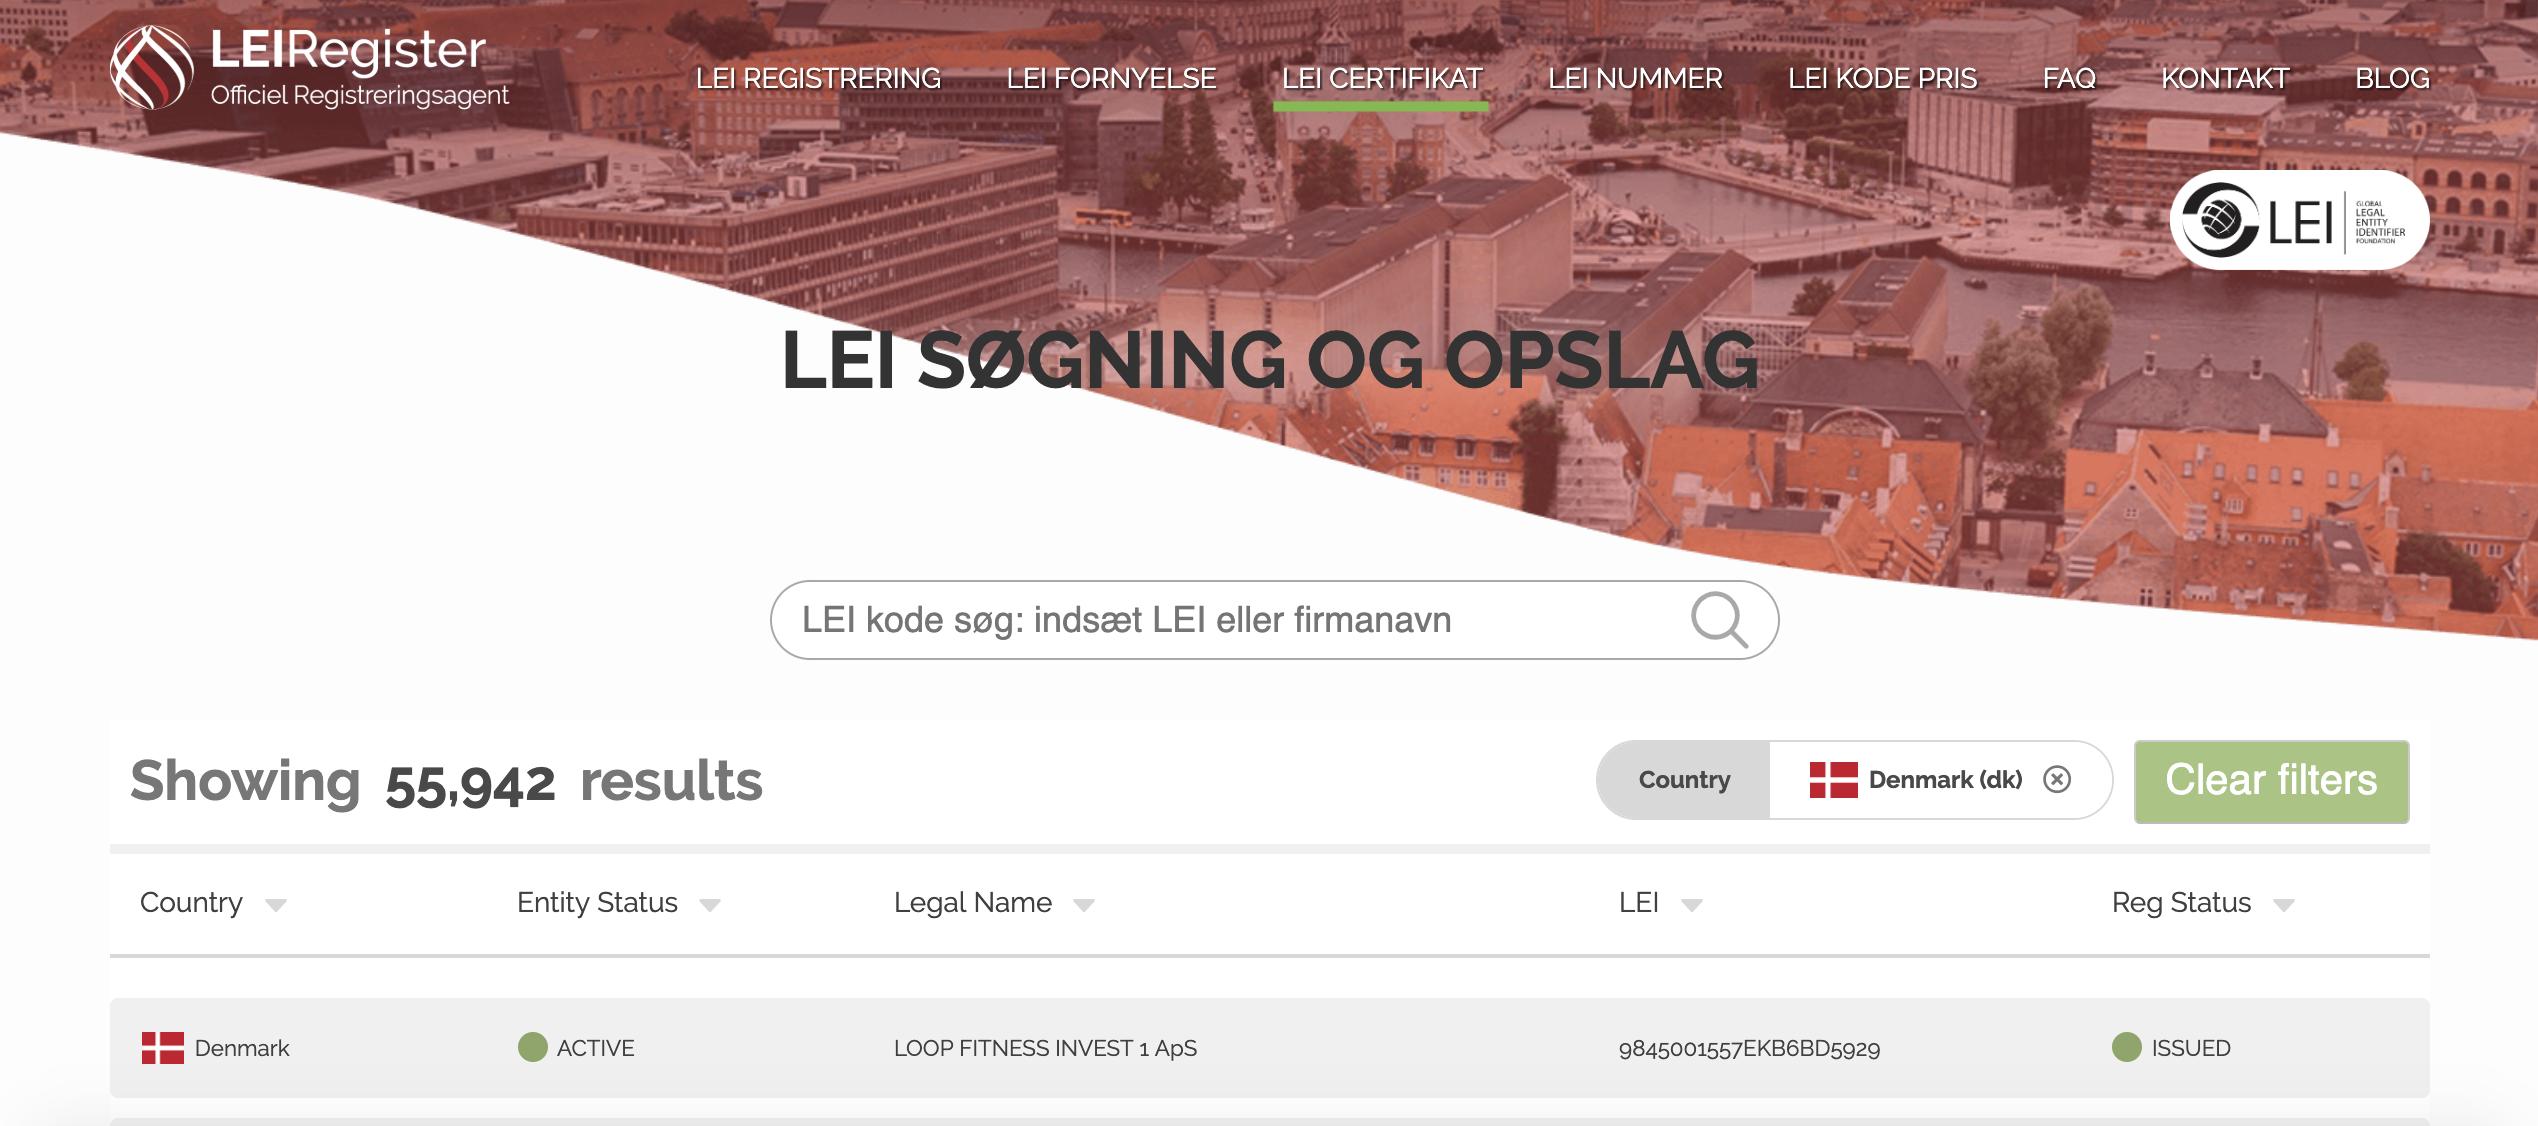 På LEI Registers hjemmeside klik på LEI CERTIFIKAT-knappen